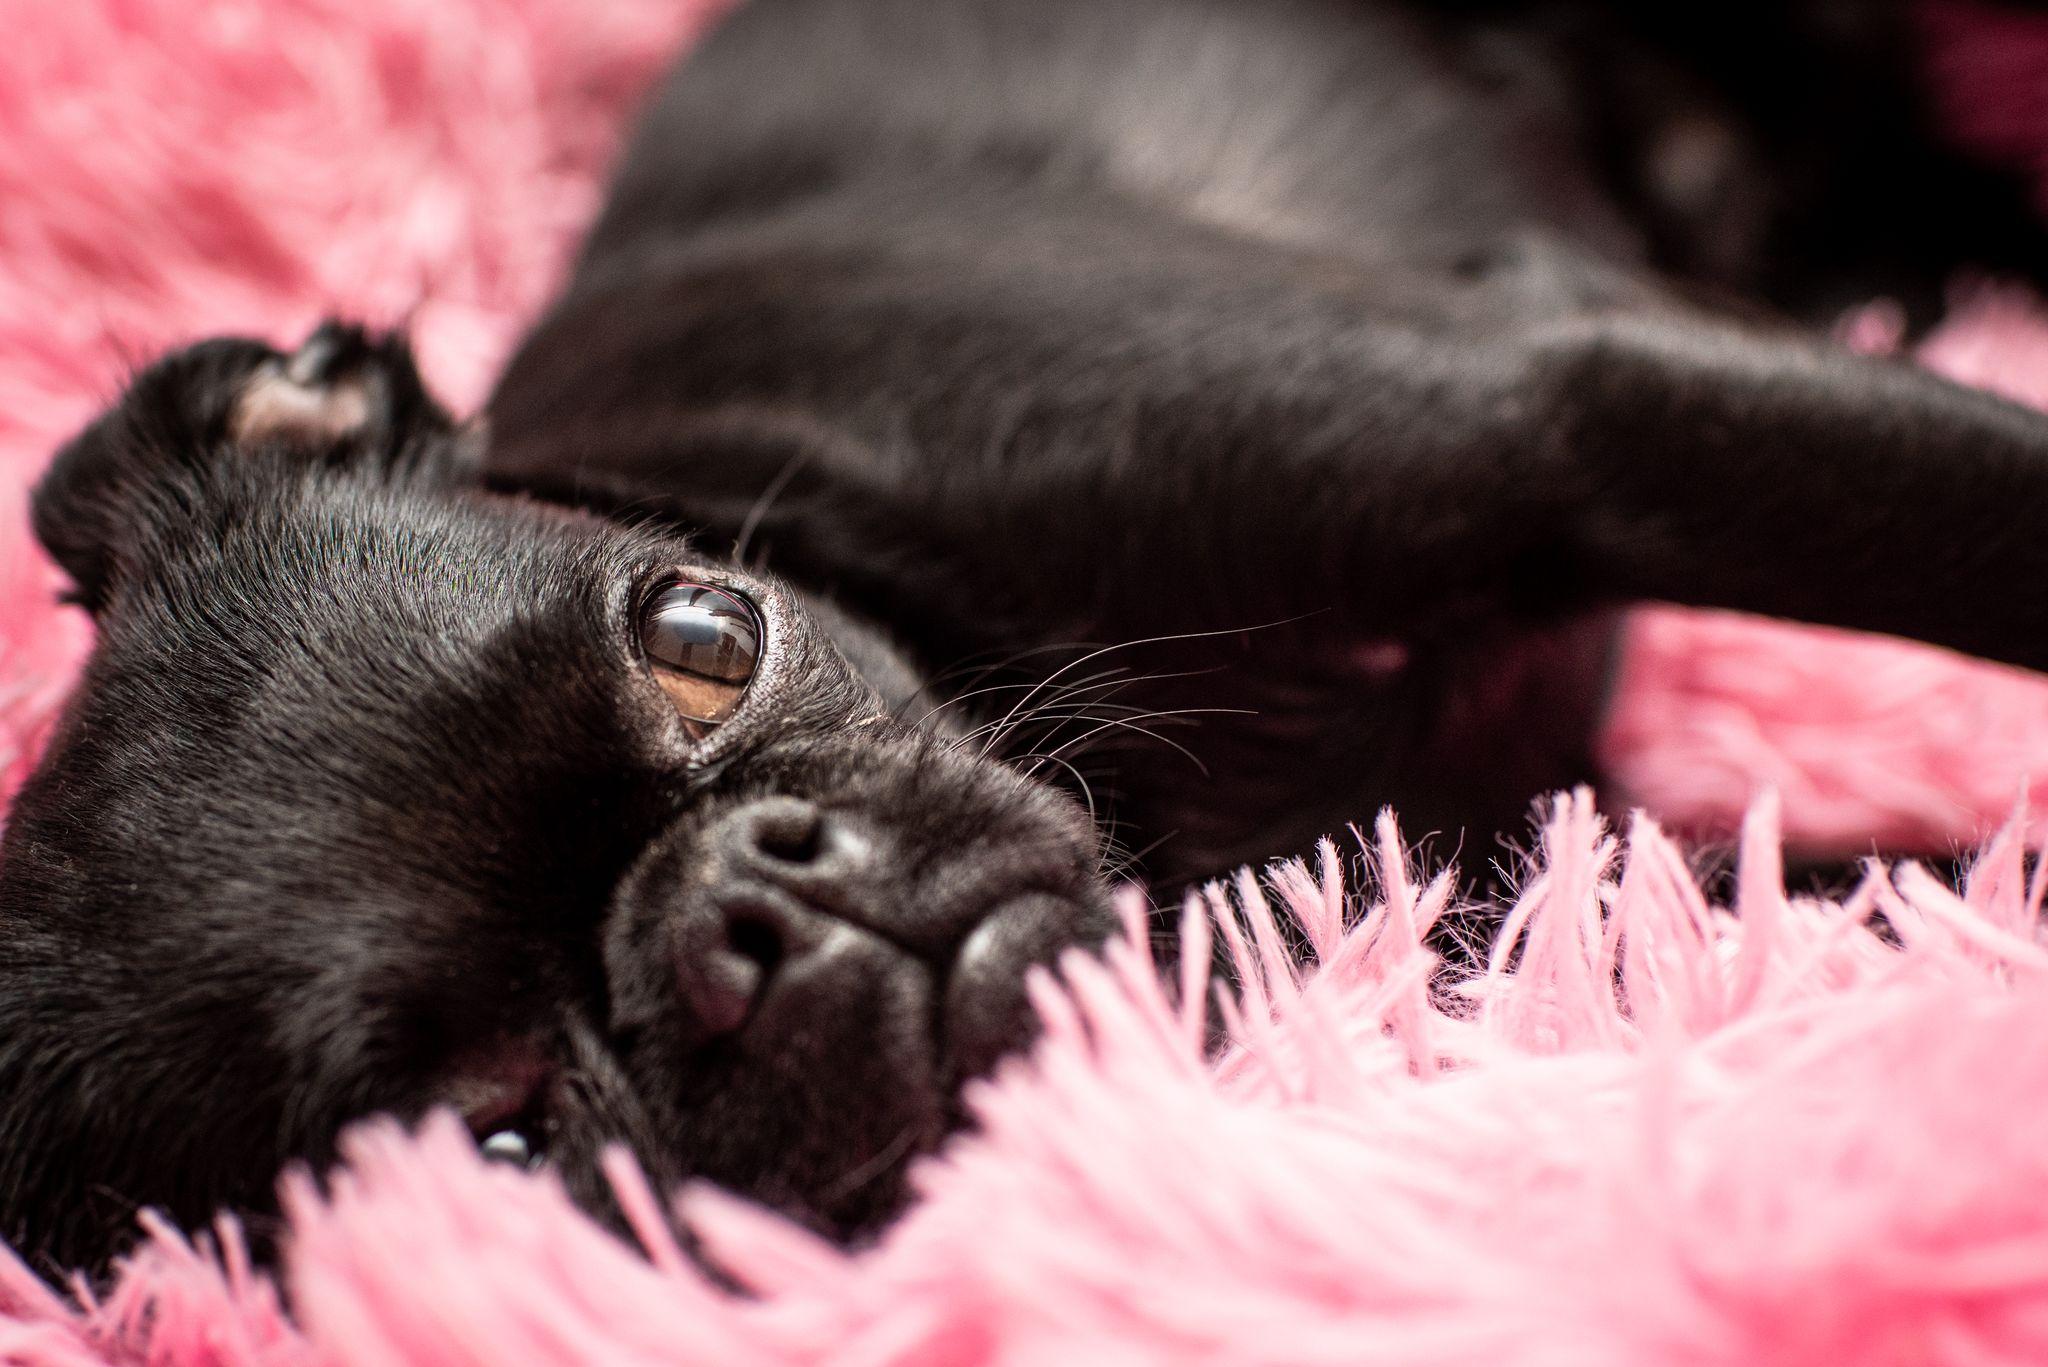 Koira makaamassa pinkillä matolla, referenssi kuva 1